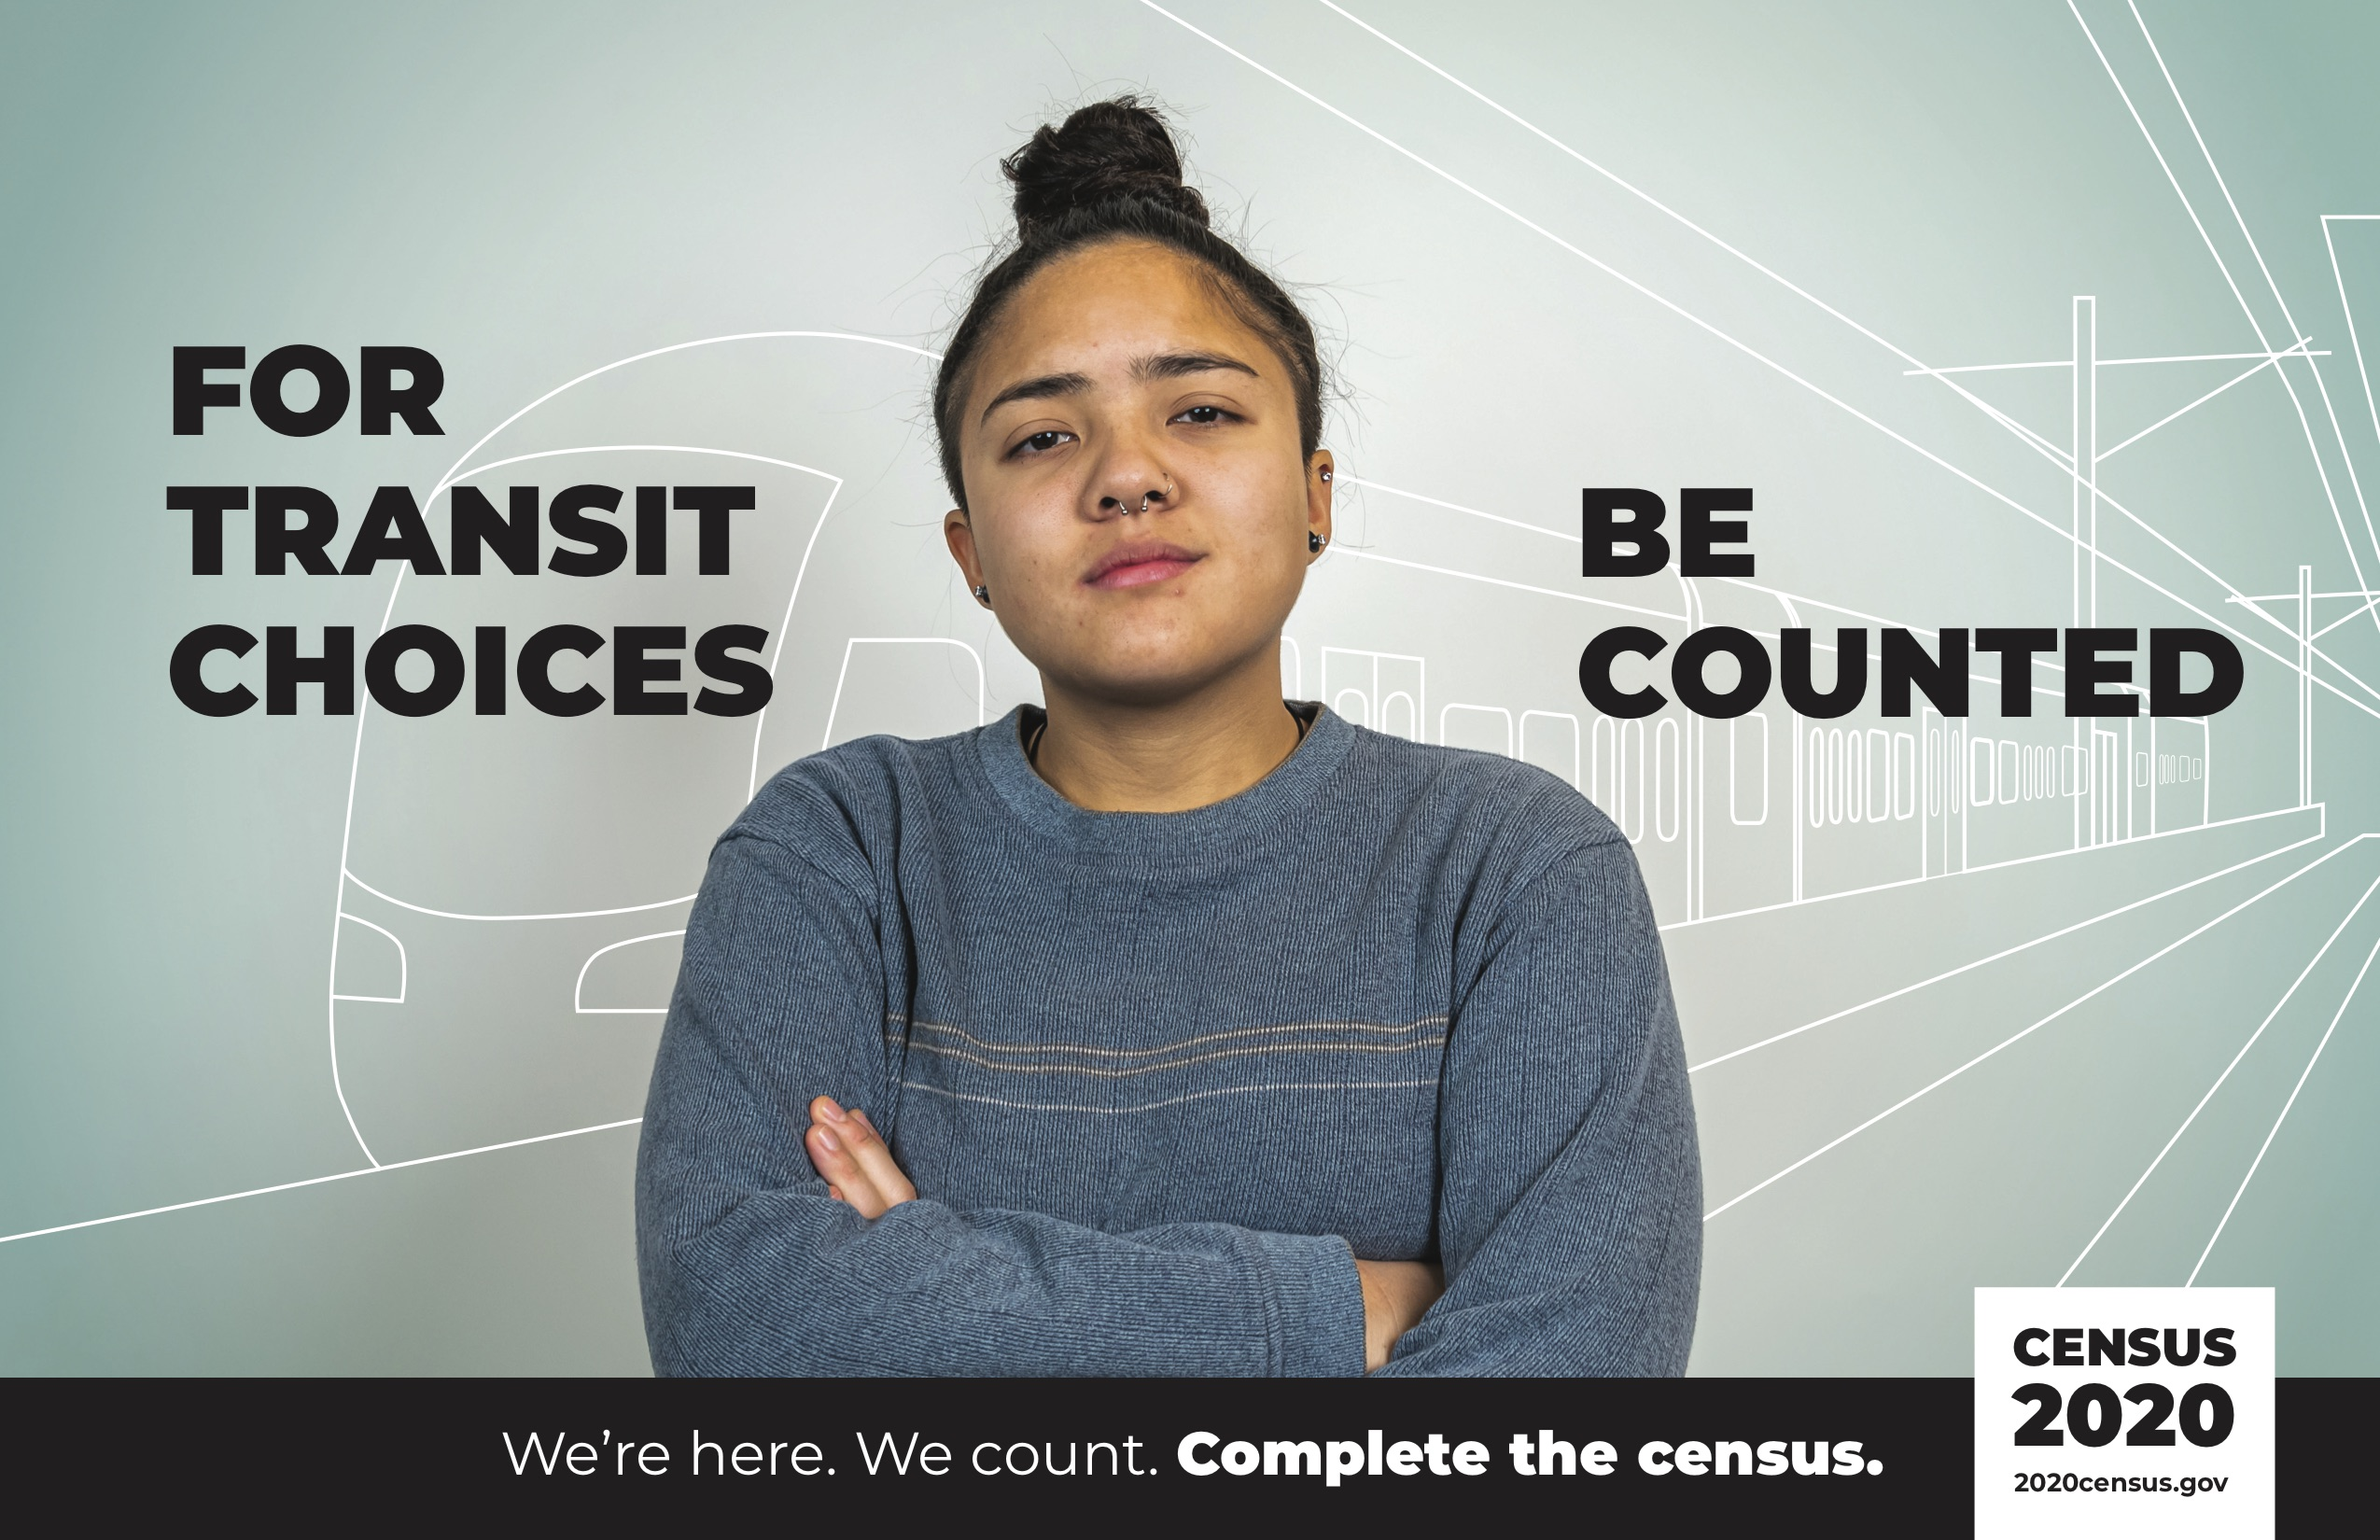 Census Poster Transit